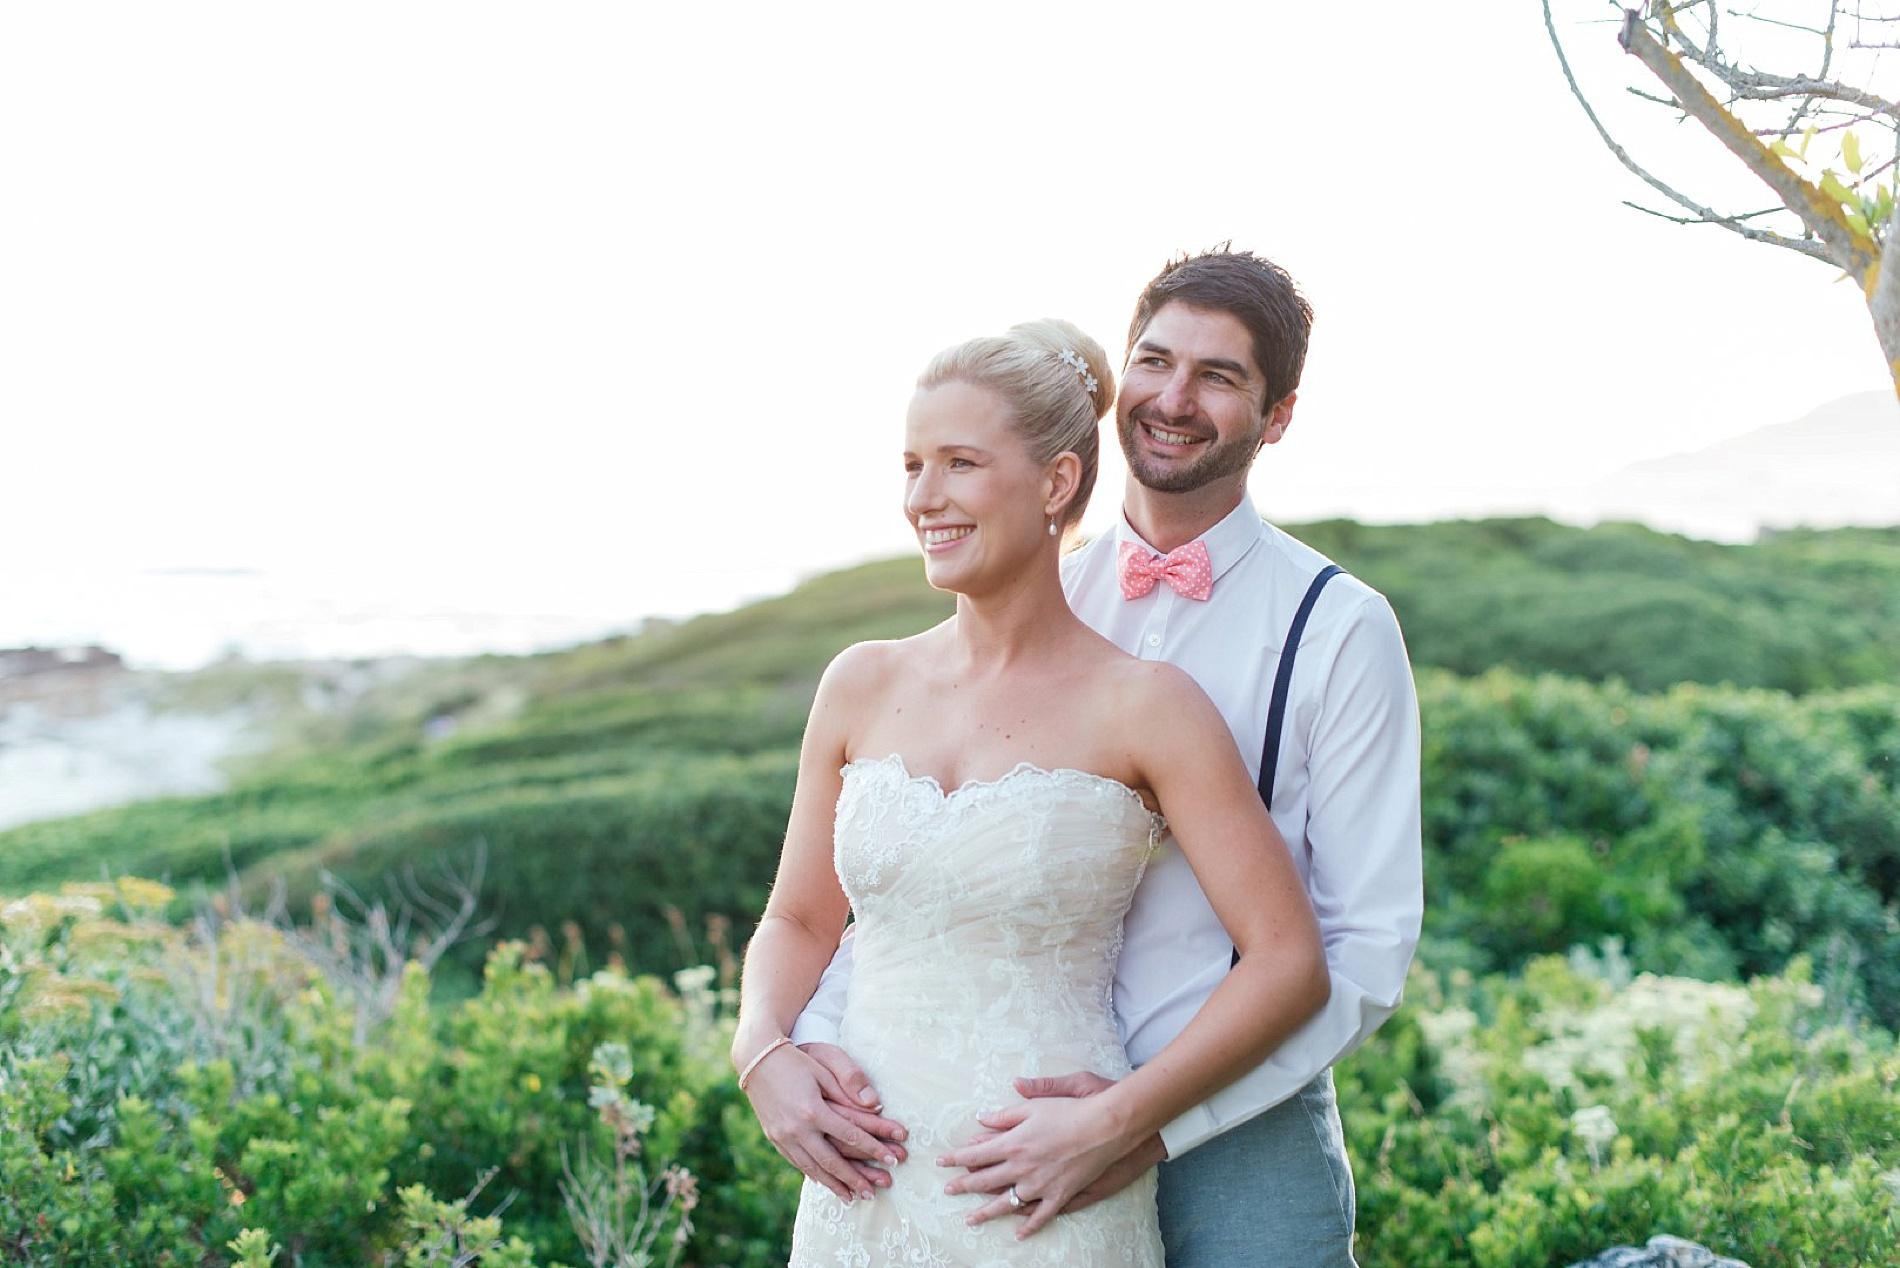 Darren-Bester-Lee-Wedding.jpg